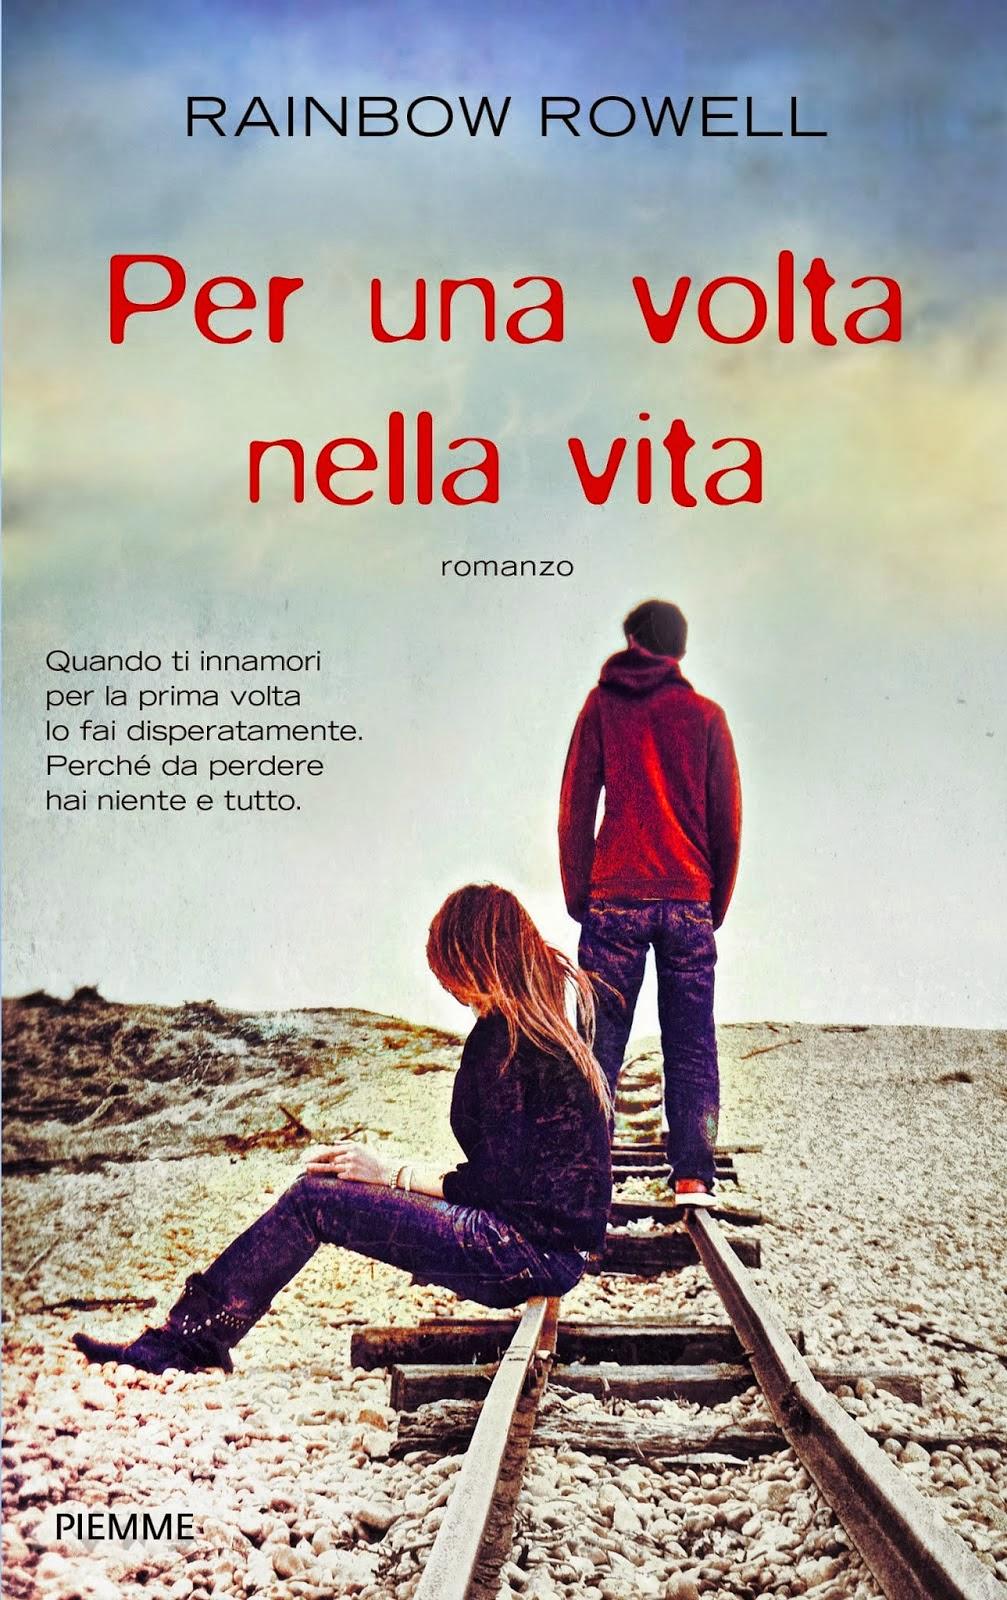 http://nicholasedevelyneildiamanteguardiano.blogspot.it/2014/02/recensione-per-una-volta-nella-vita-di.html